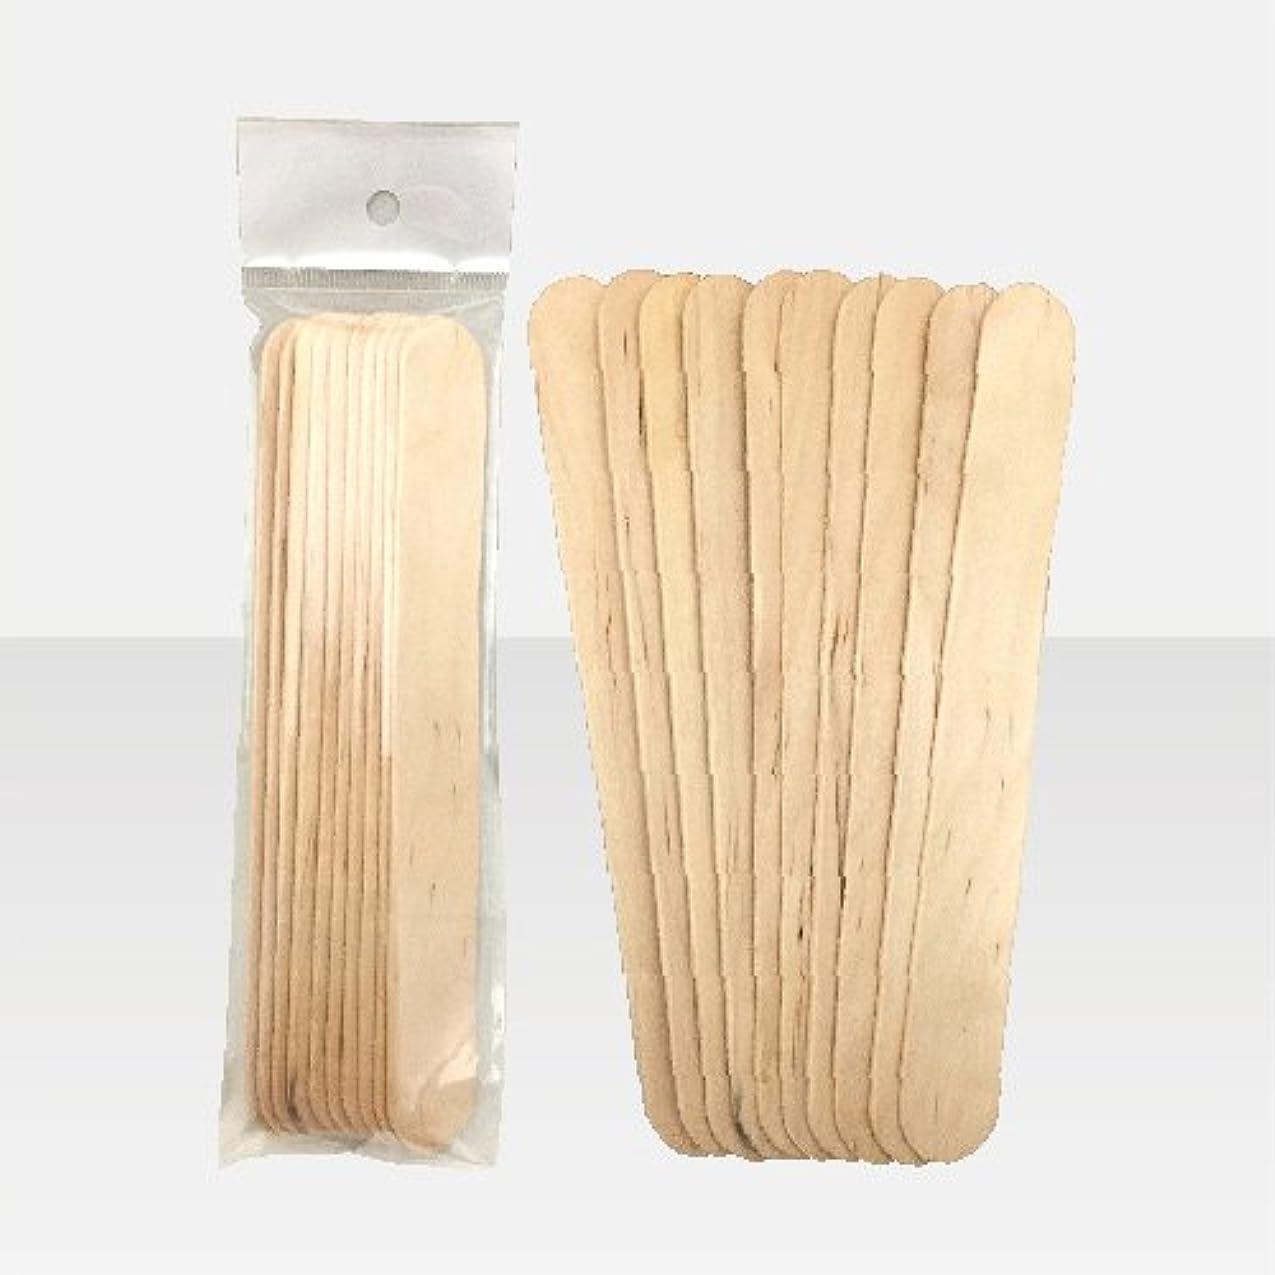 チャーム報いるラメブラジリアンワックス 脱毛ワックス用  ワックススパチュラ 木ベラ /10本セット Mサイズ